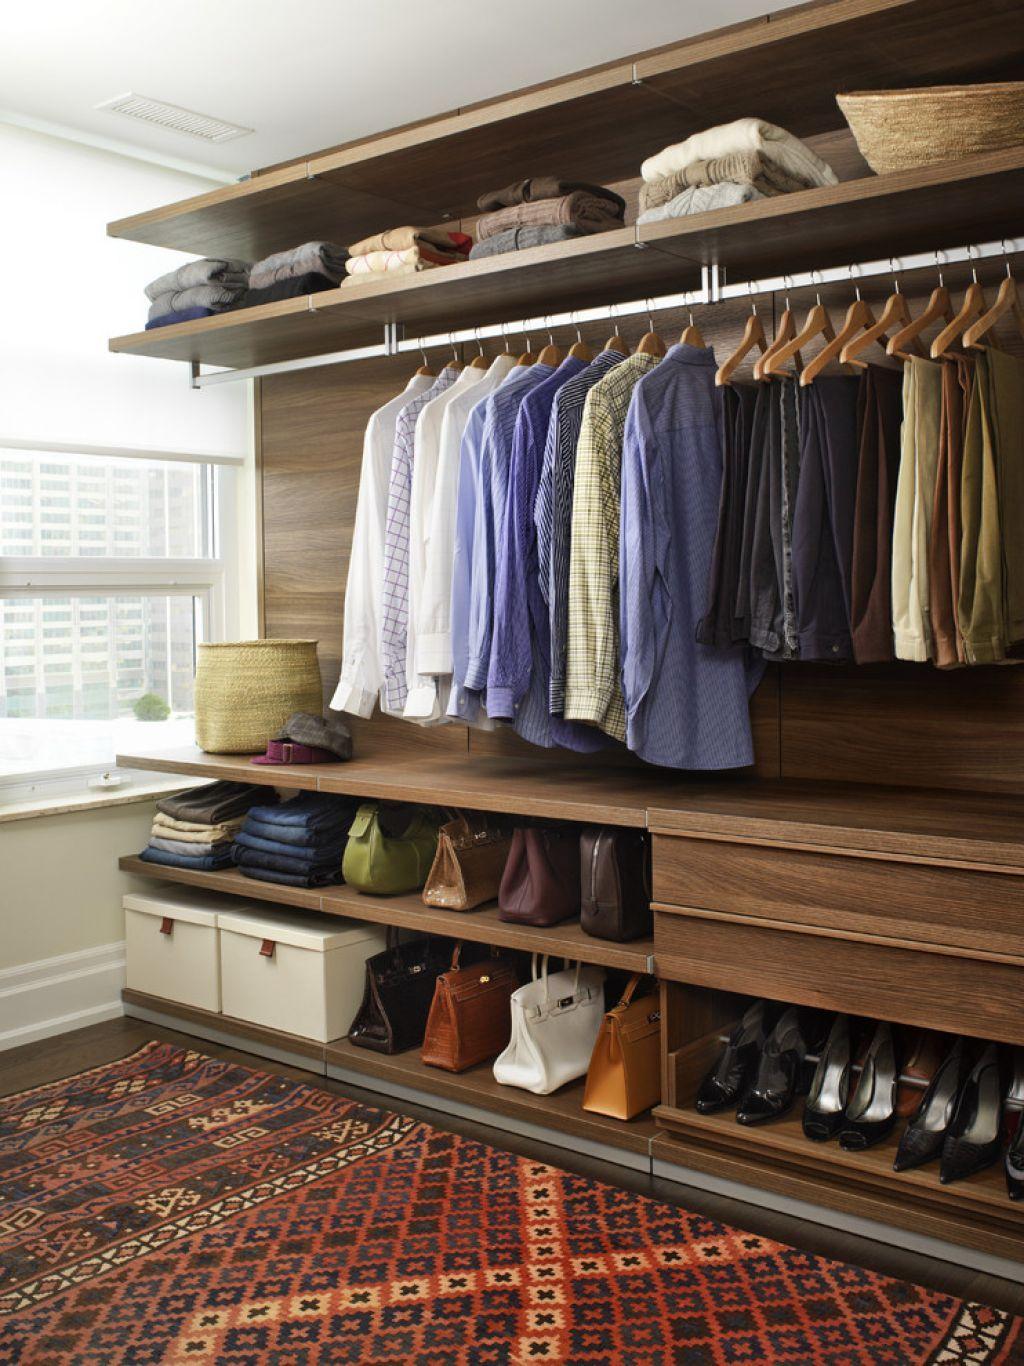 Modern Wooden Cedar Cedar Closet With Shelves